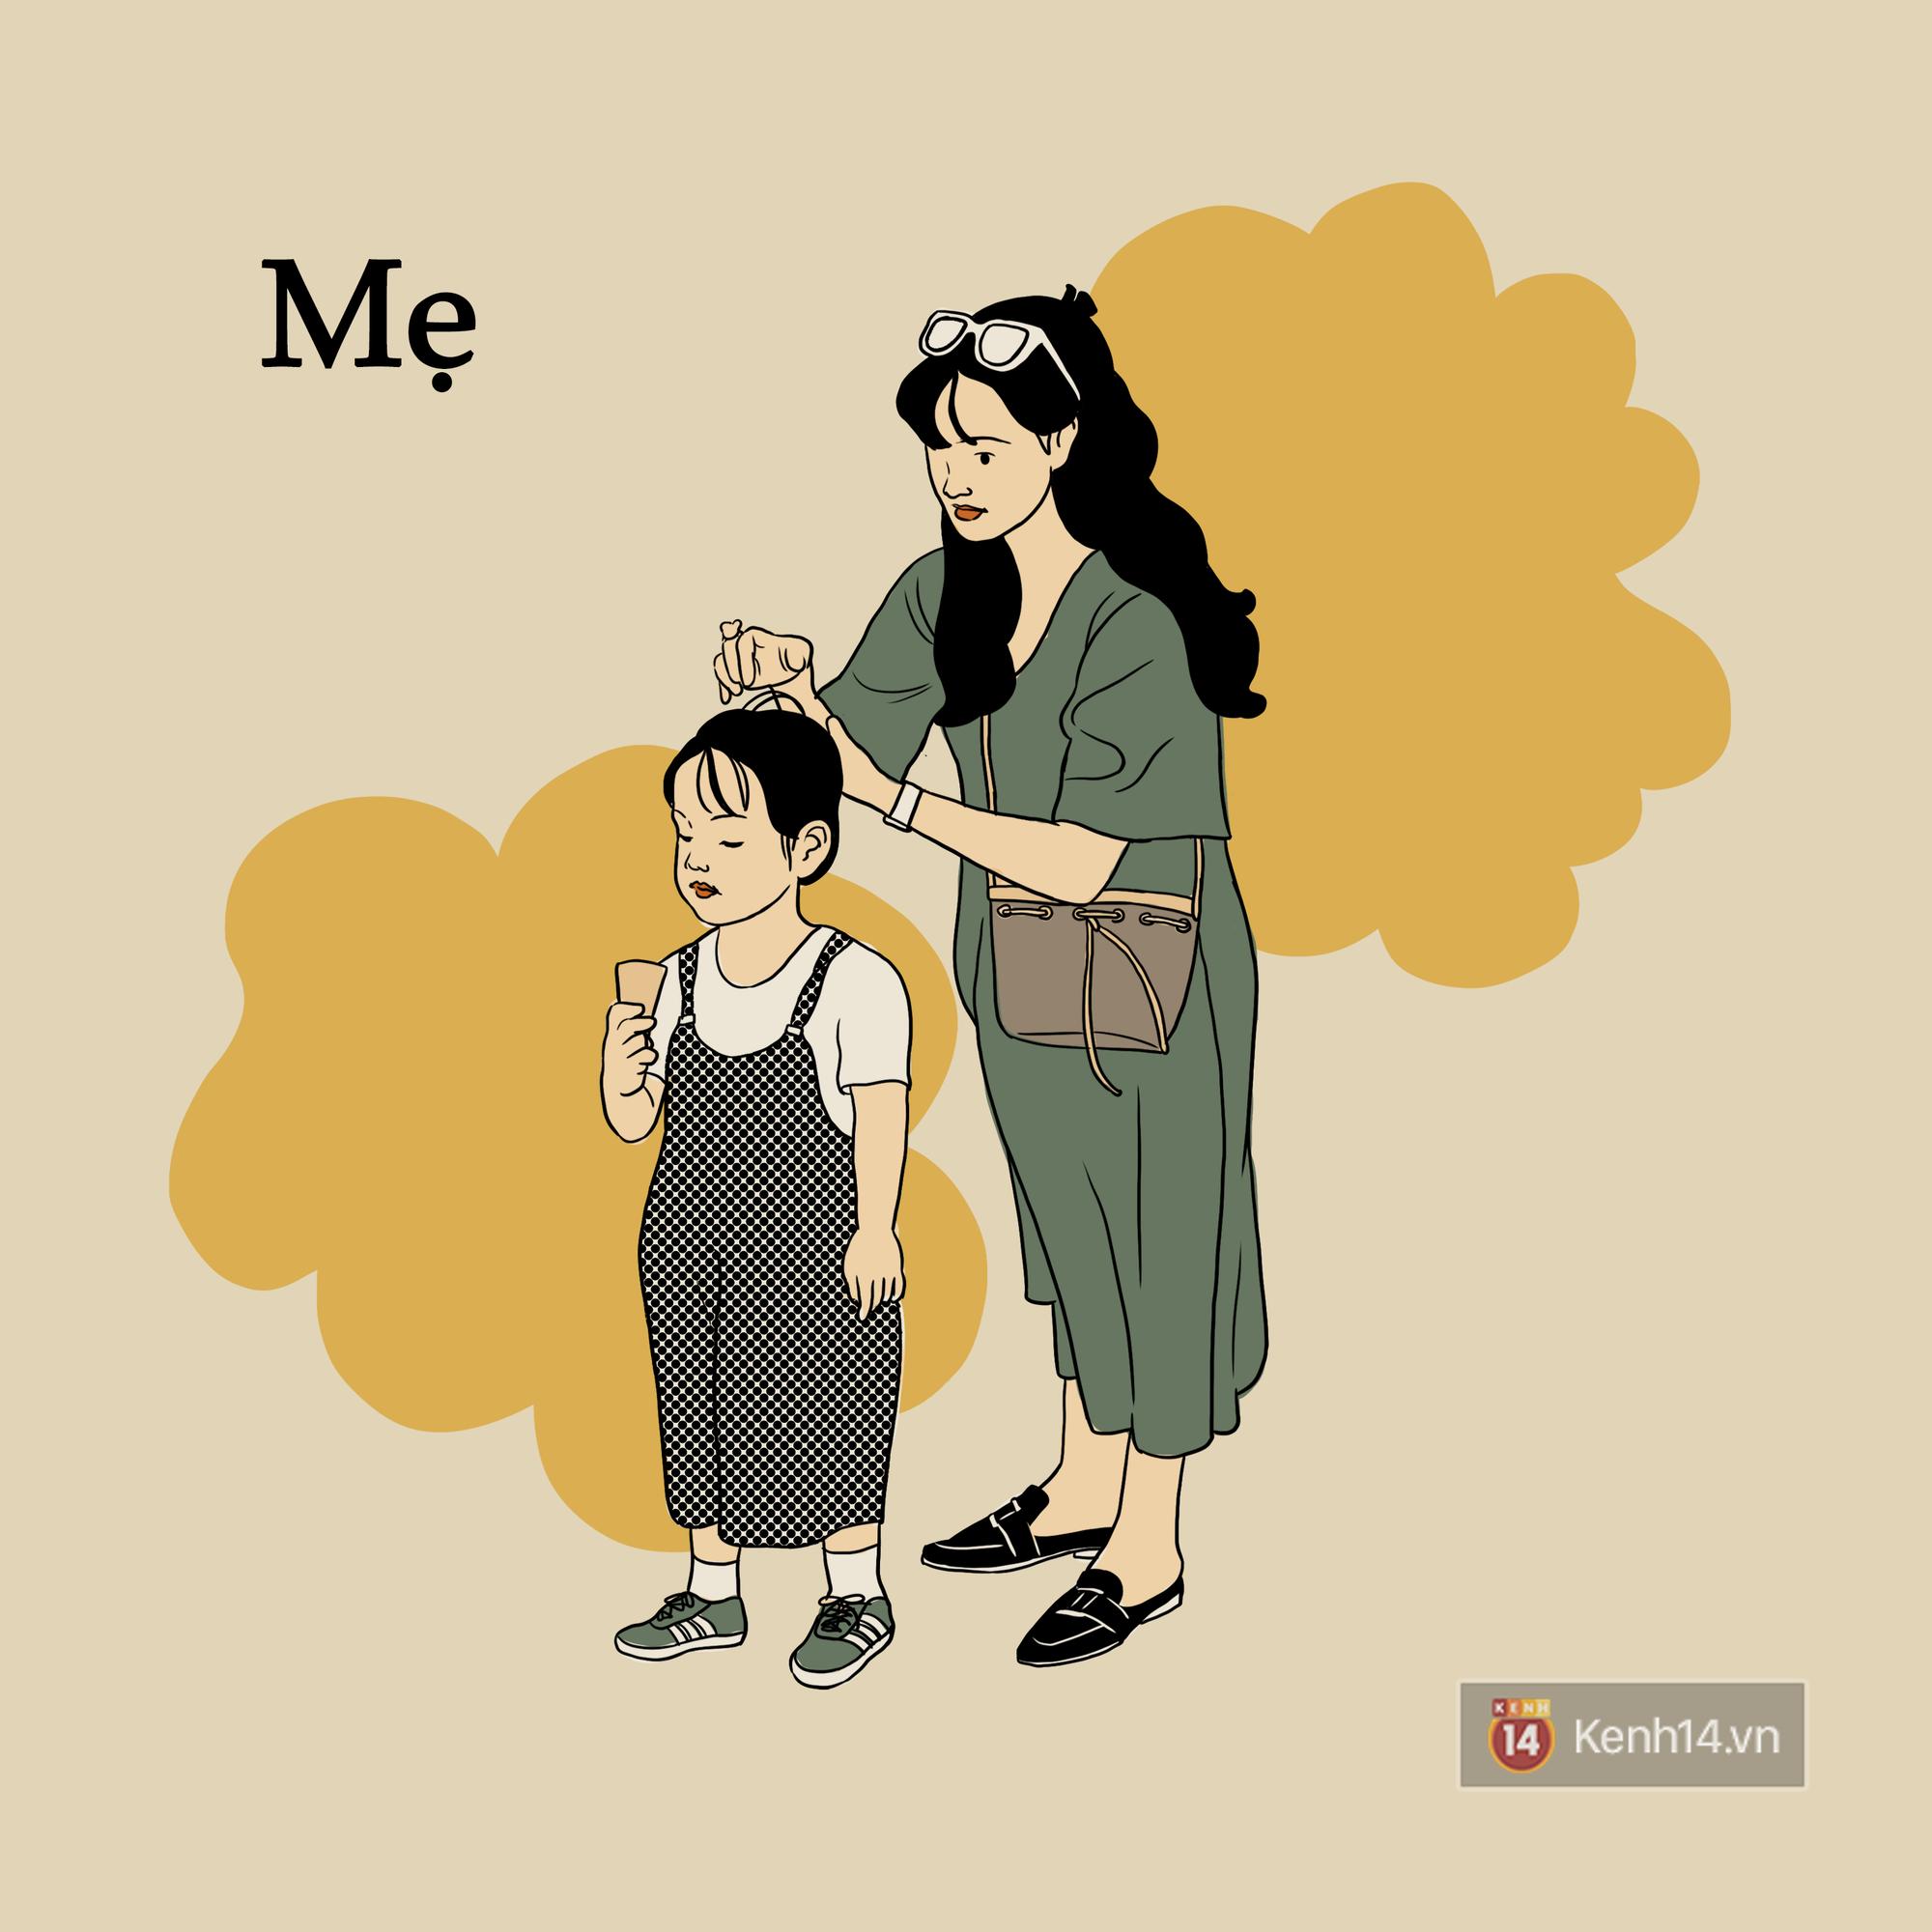 Bộ tranh: Cuộc đời chúng ta luôn có sự xuất hiện của rất nhiều người phụ nữ đặc biệt... - Ảnh 10.